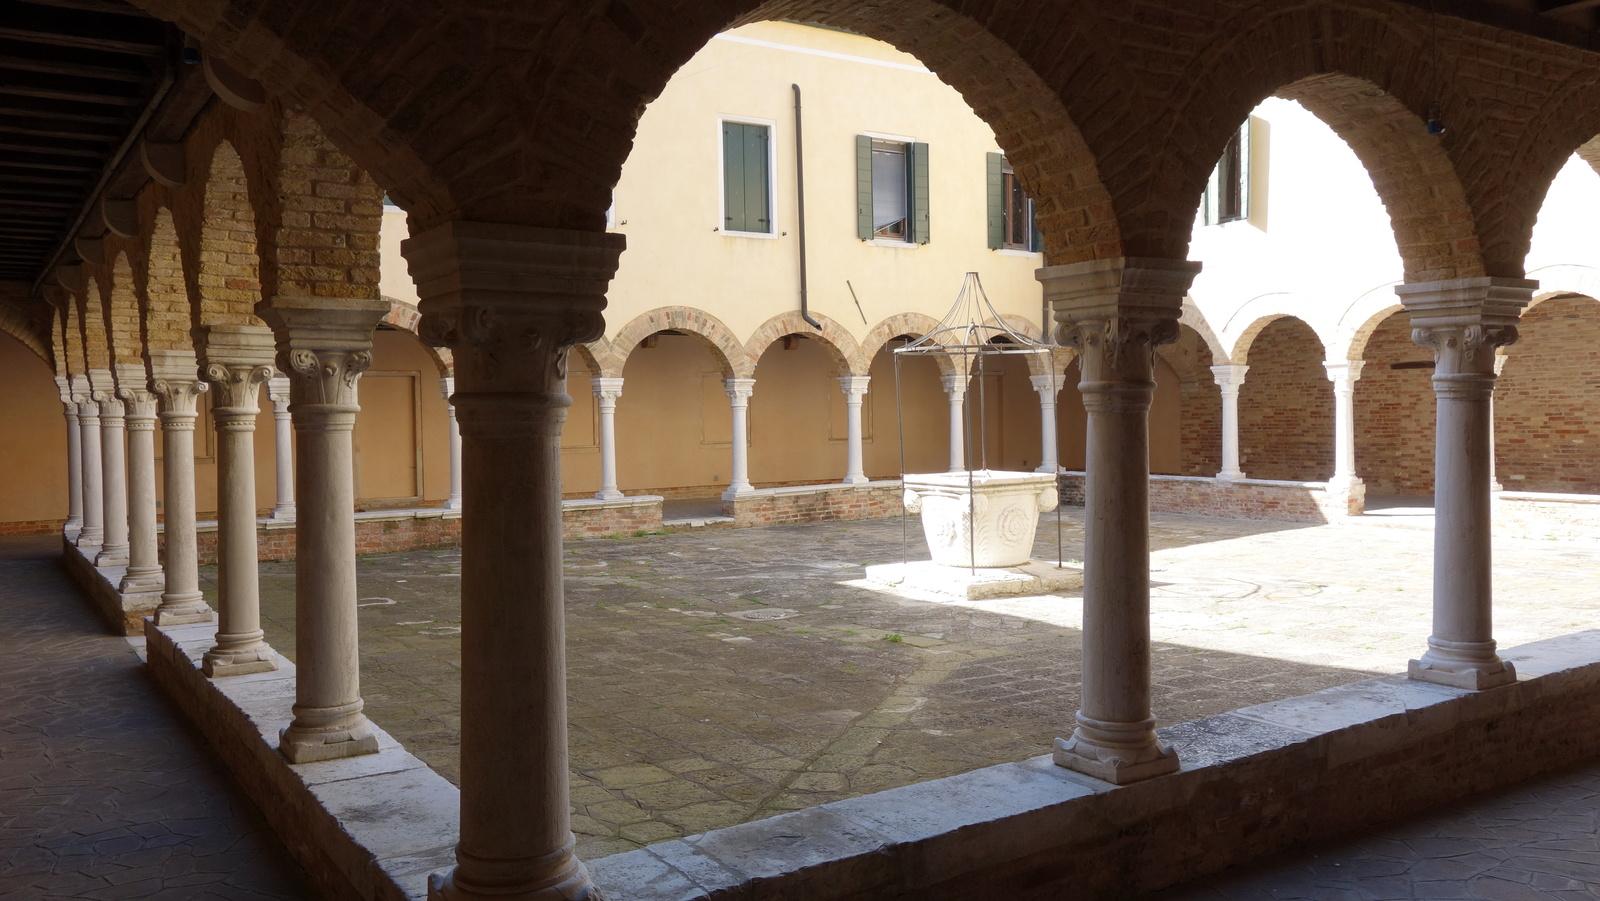 066 - San Francesco della Vigna